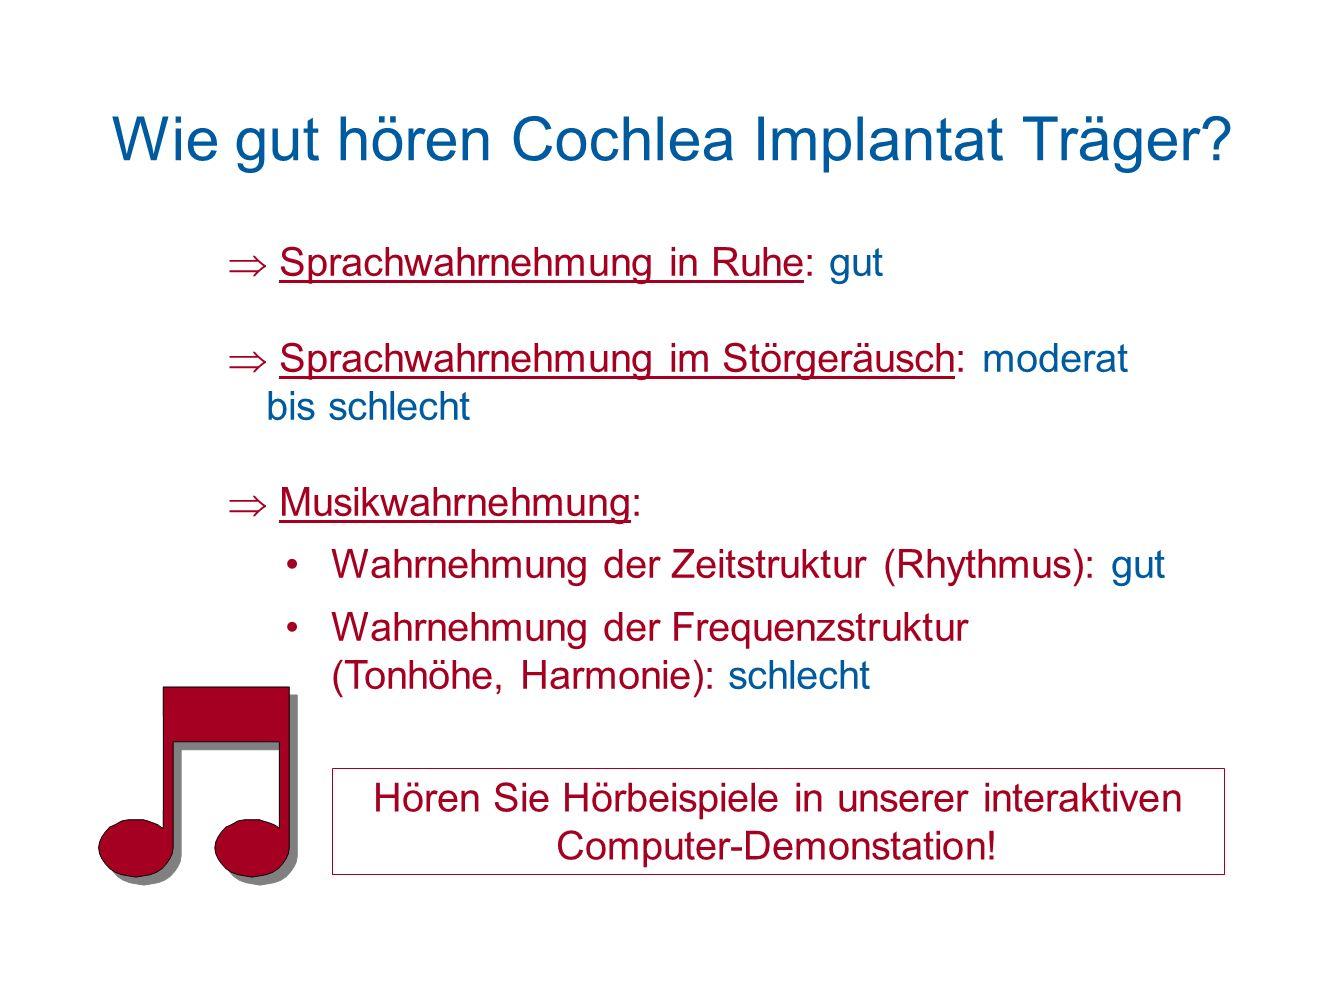 Cochlea Implantate auf beiden Ohren.